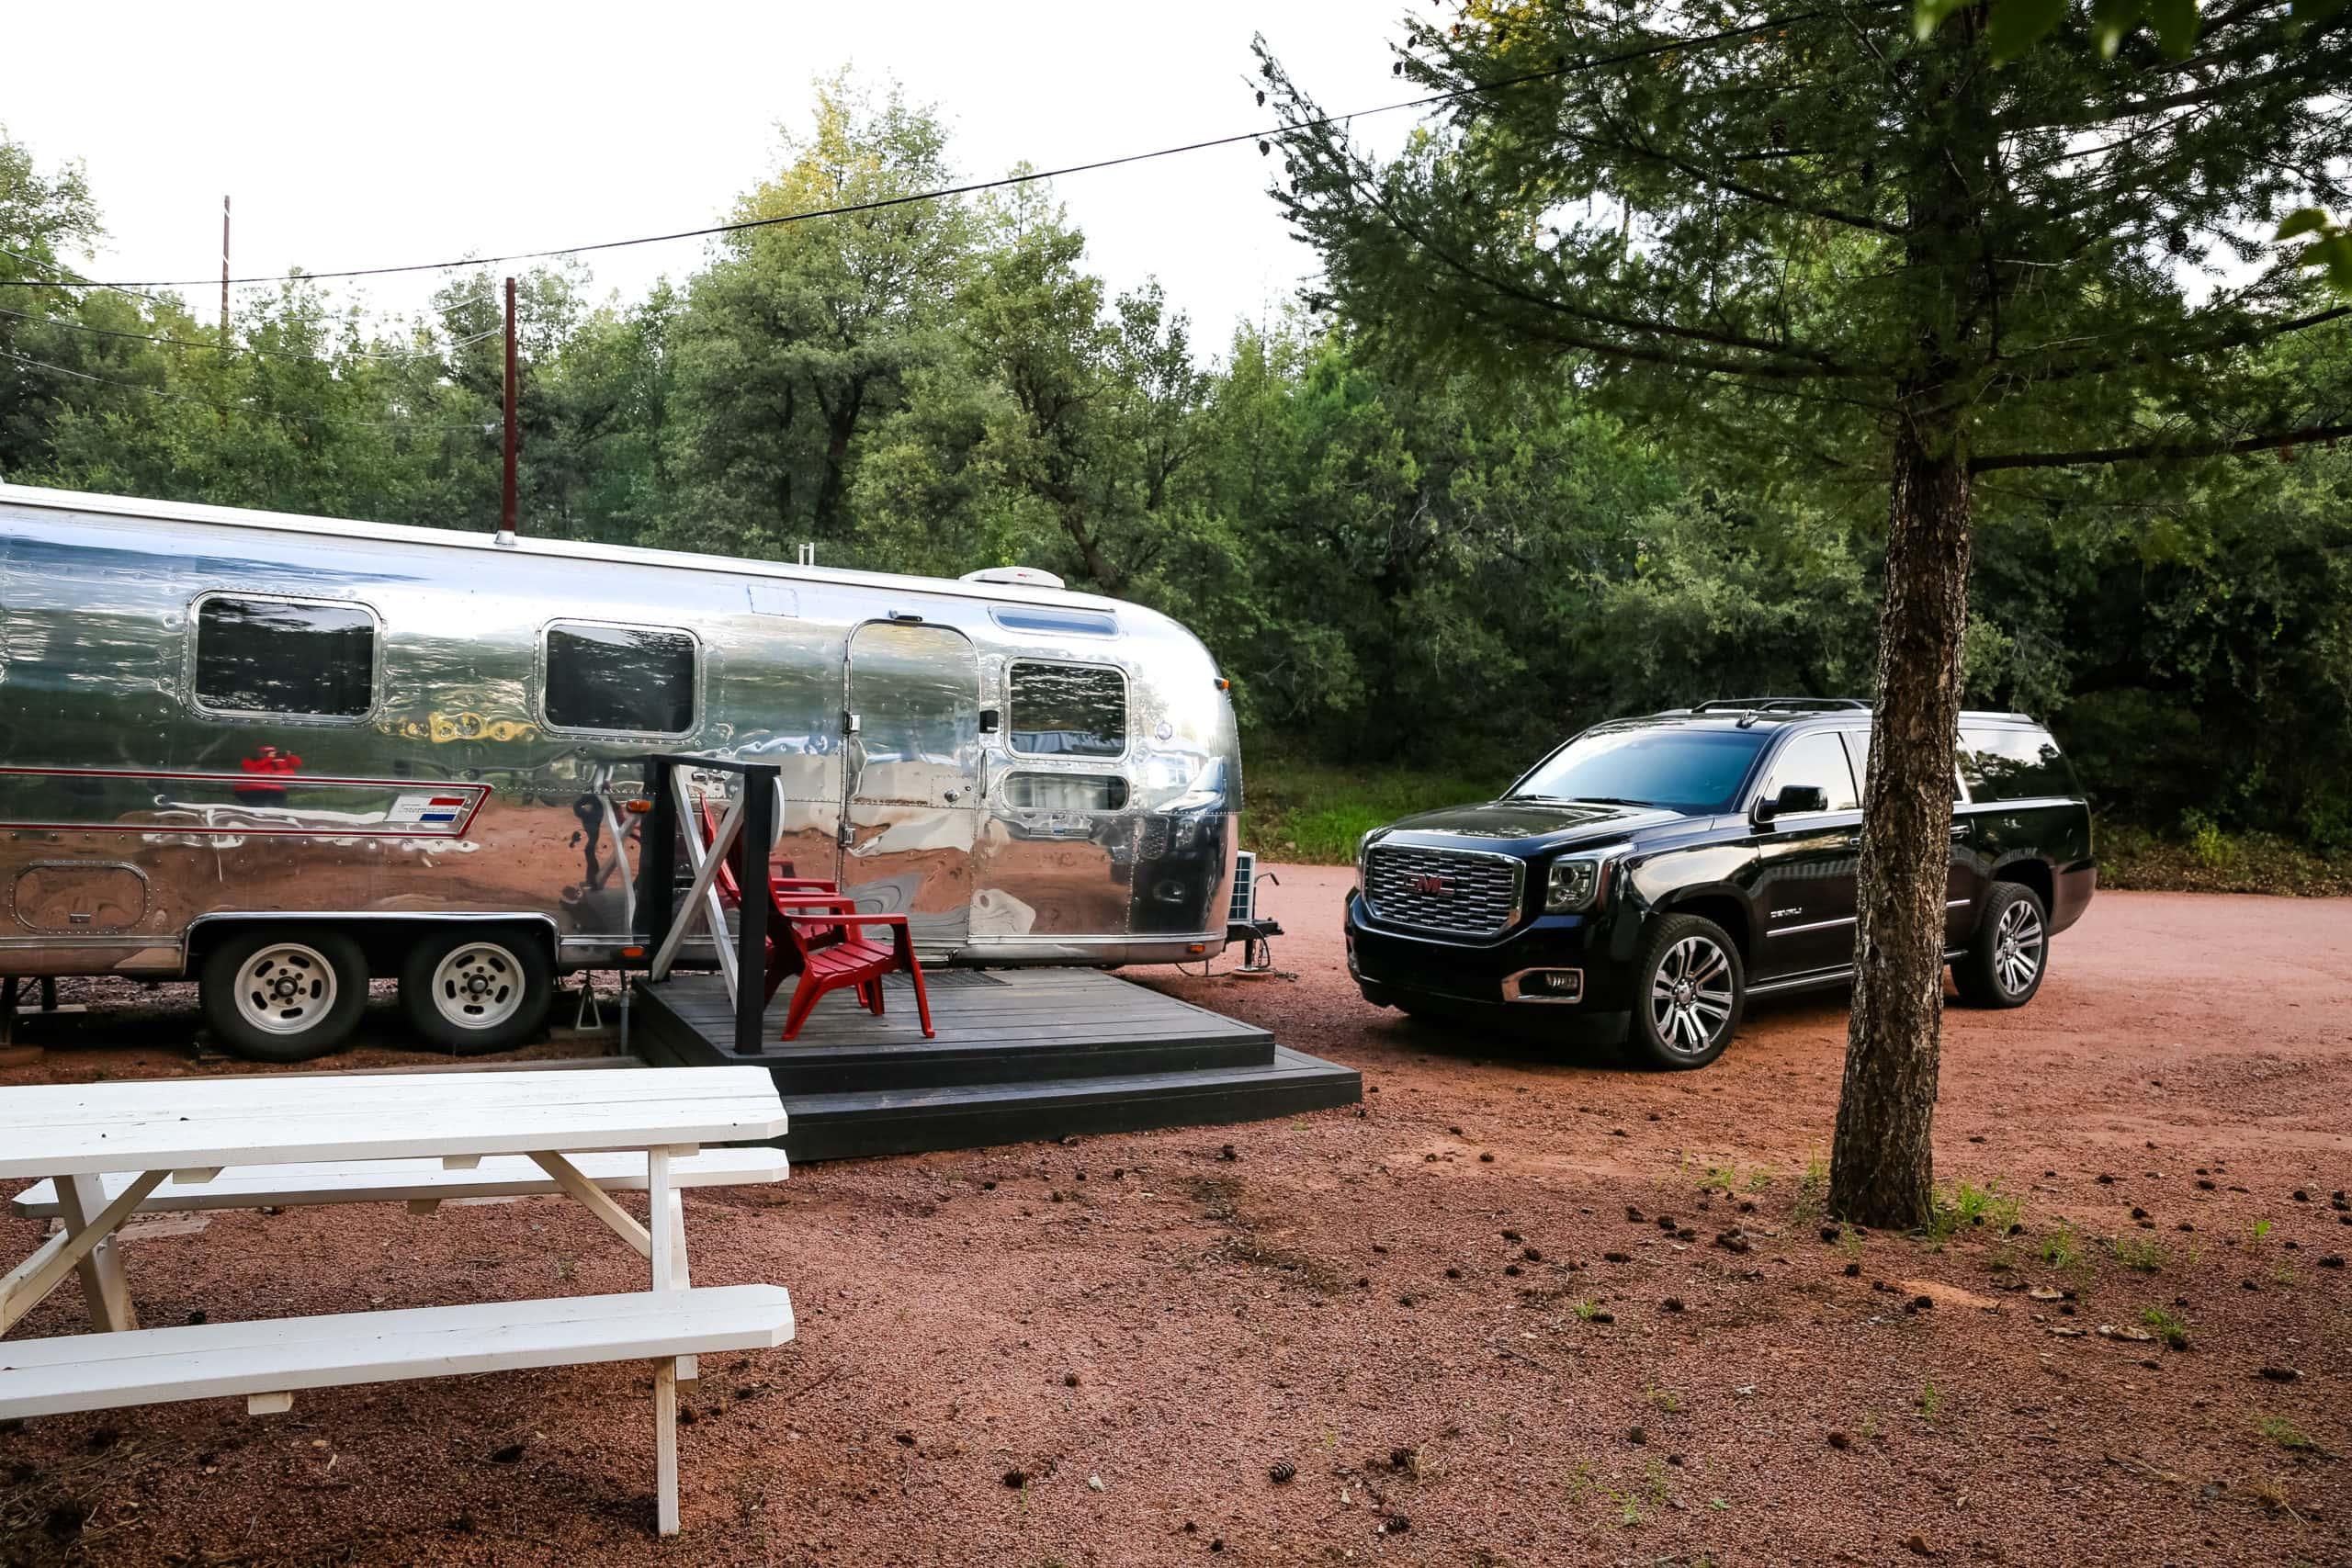 Airstream in Strawberry Arizona at the Strawberry Inn.